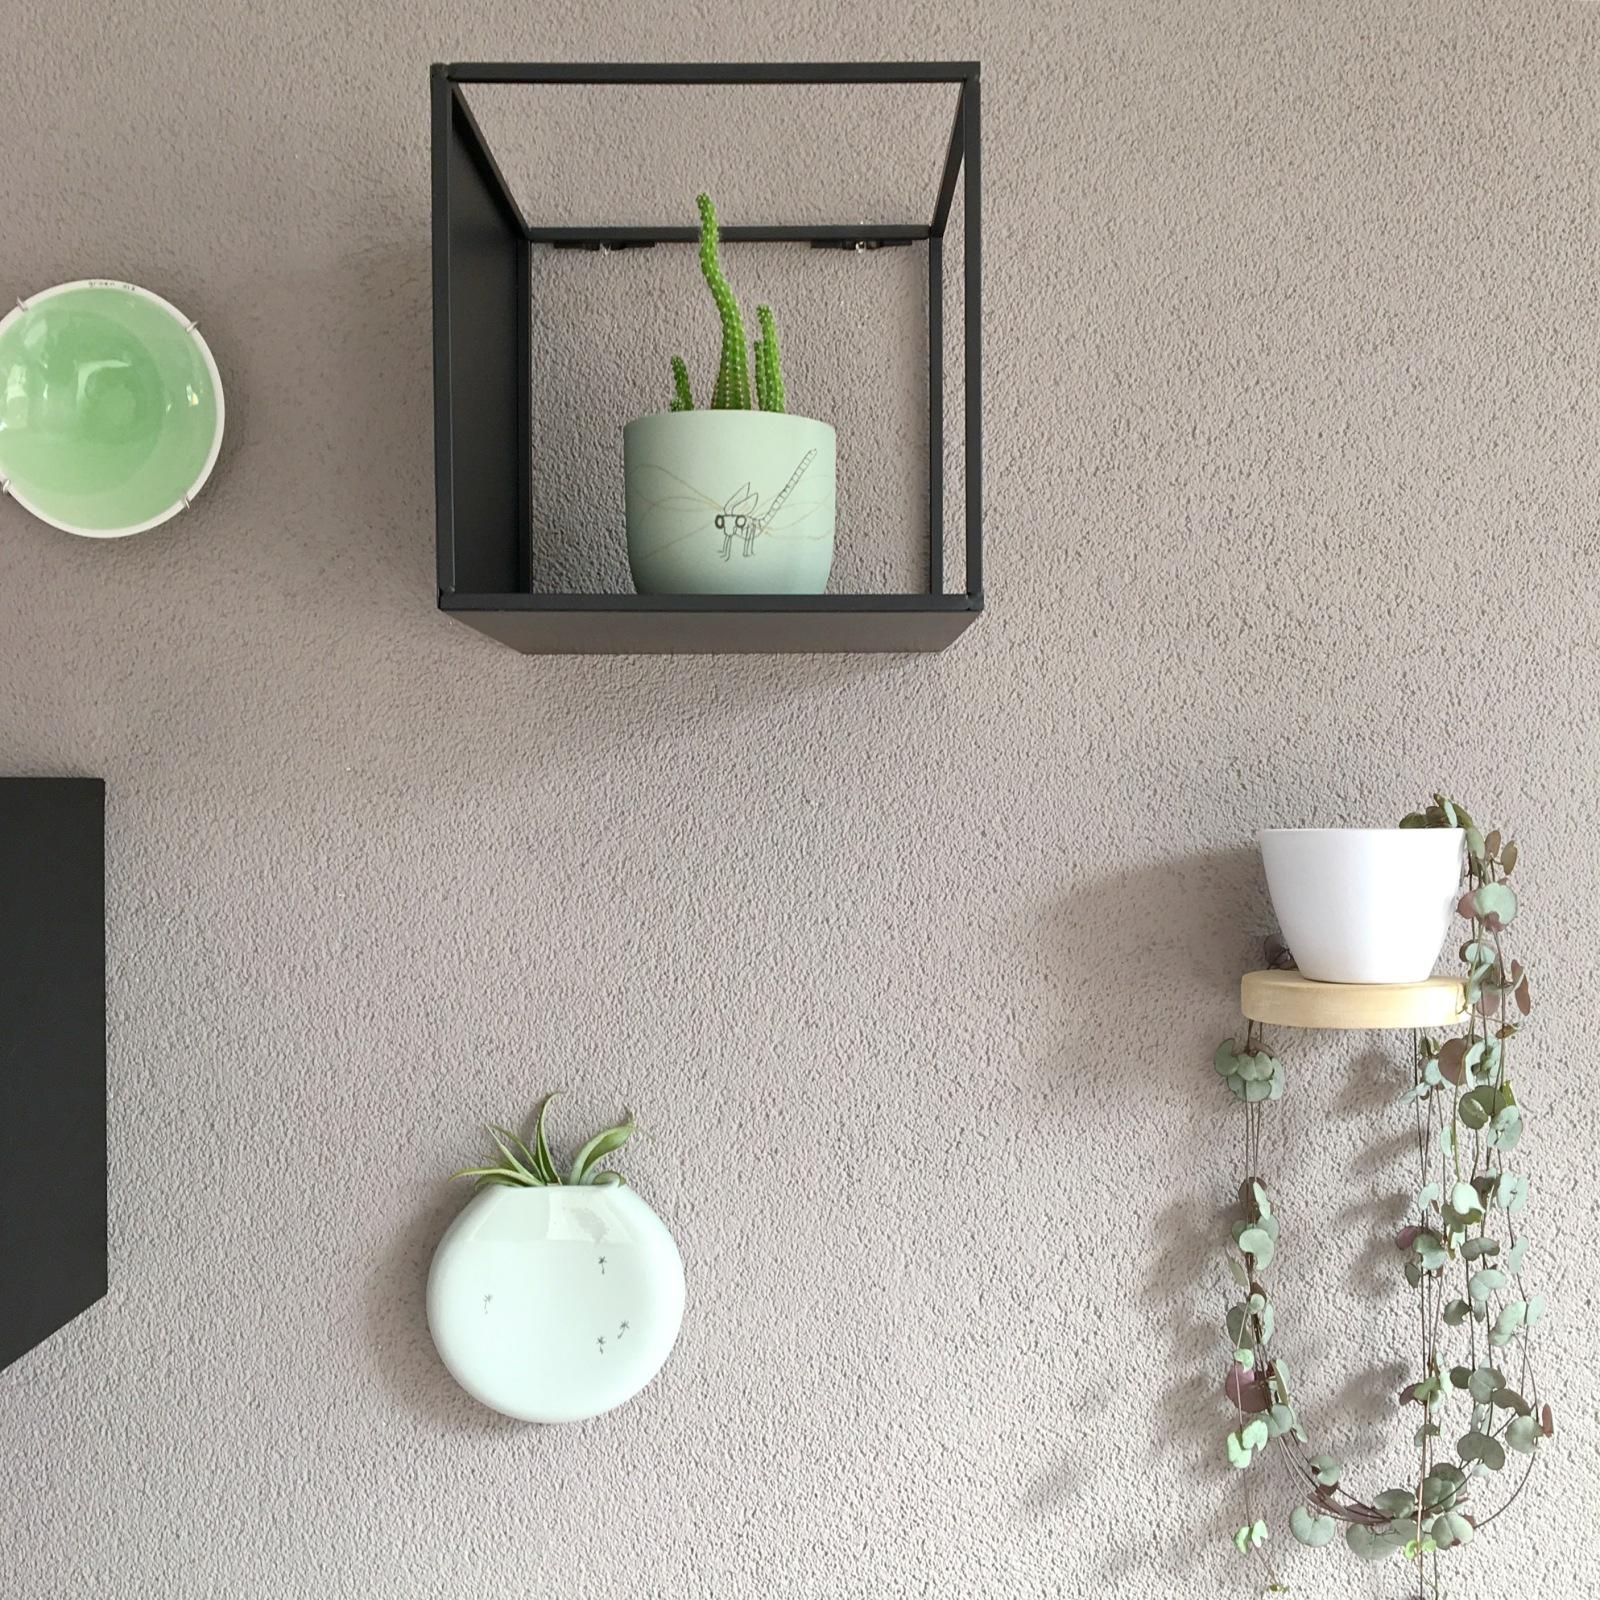 free daarnaast heb ik bij sostrene grene toffe zaak twee metalen boxen gekocht die je aan de. Black Bedroom Furniture Sets. Home Design Ideas